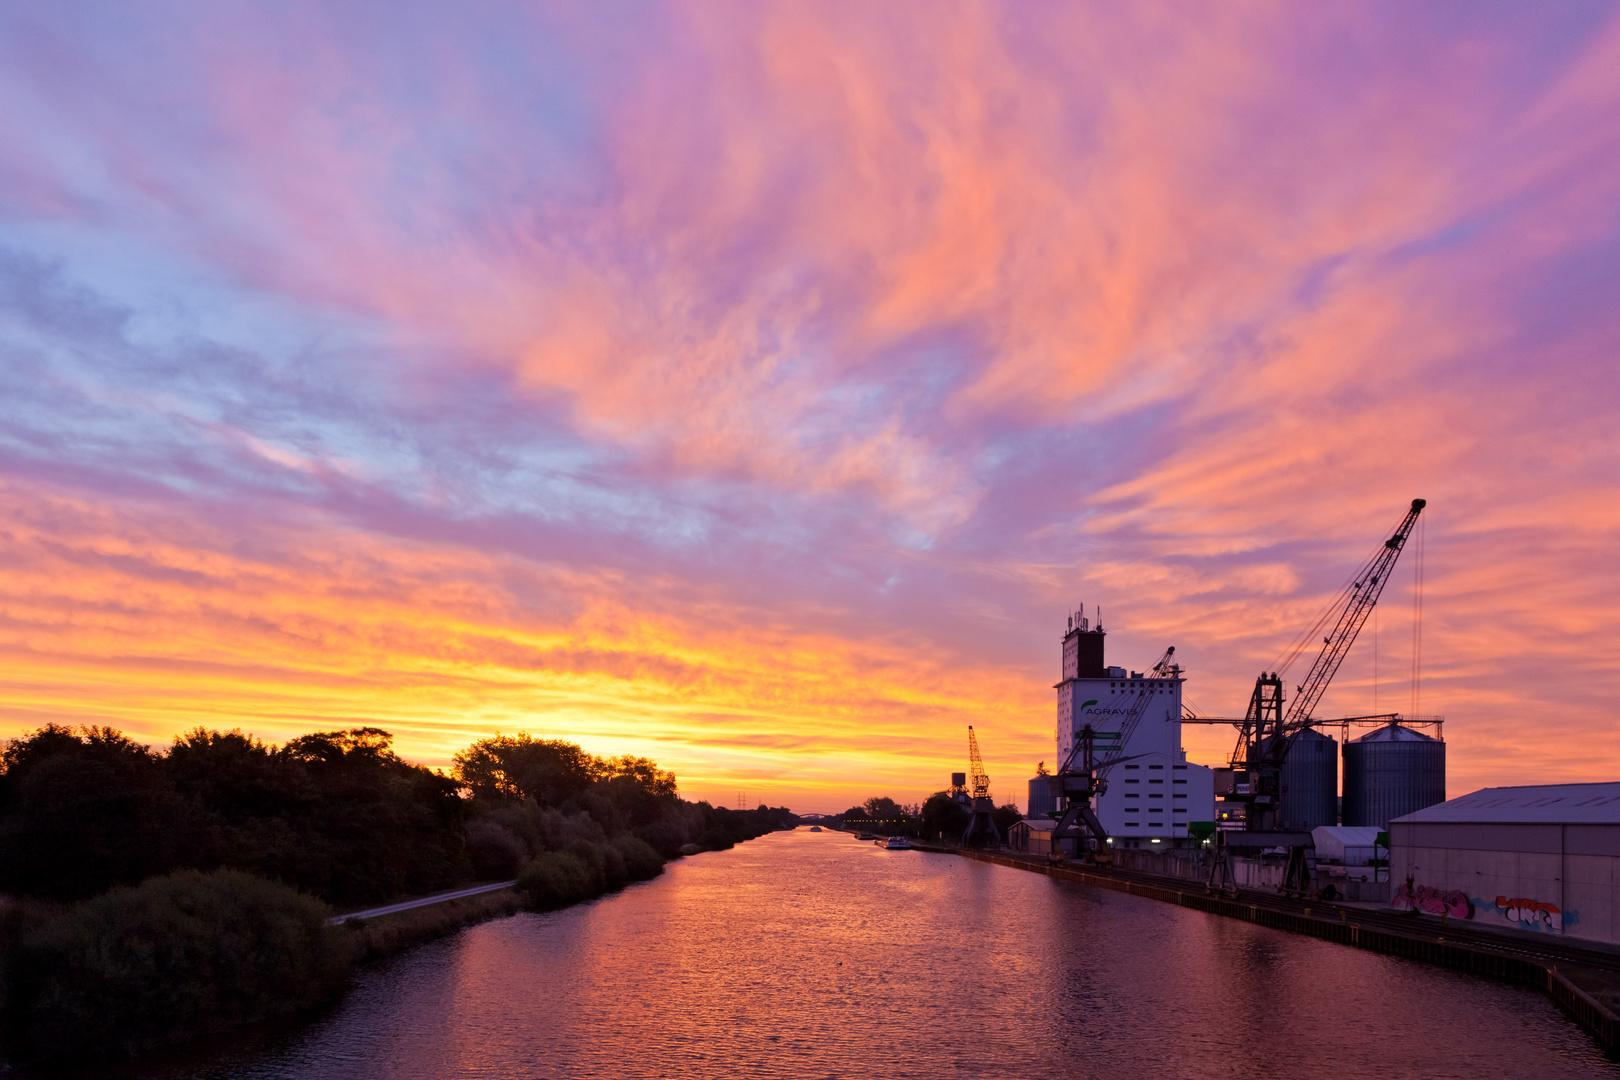 Farbspektakel am Kanal